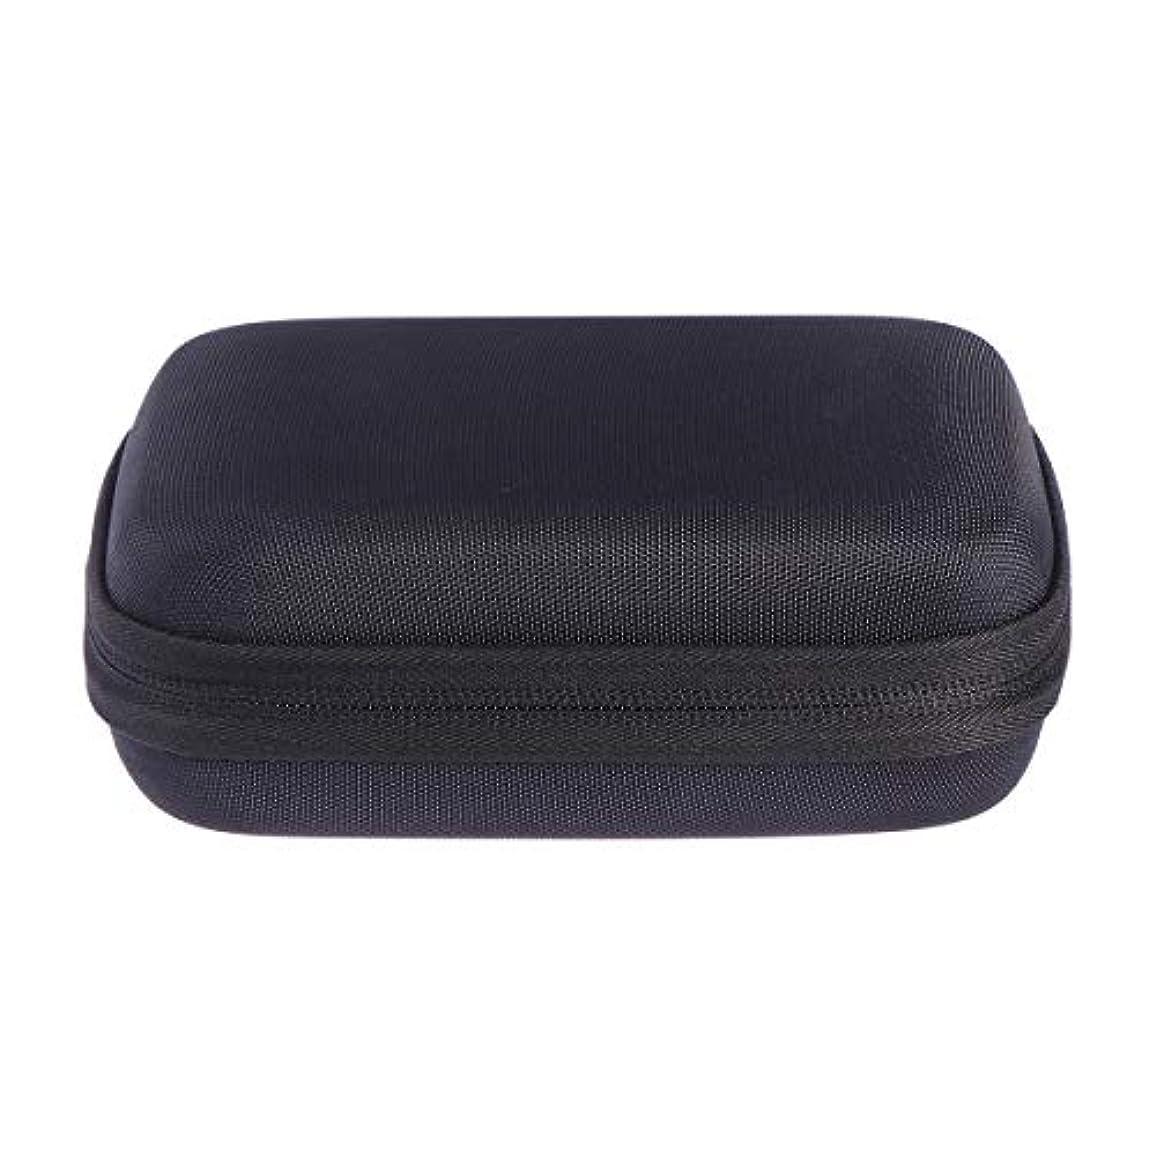 リーフレットひねくれたにおいSUPVOX エッセンシャルオイルバッグキャリングケースオーガナイザーローラーボトル収納袋10スロットハードシェルオイルケースホルダー(ブラック)